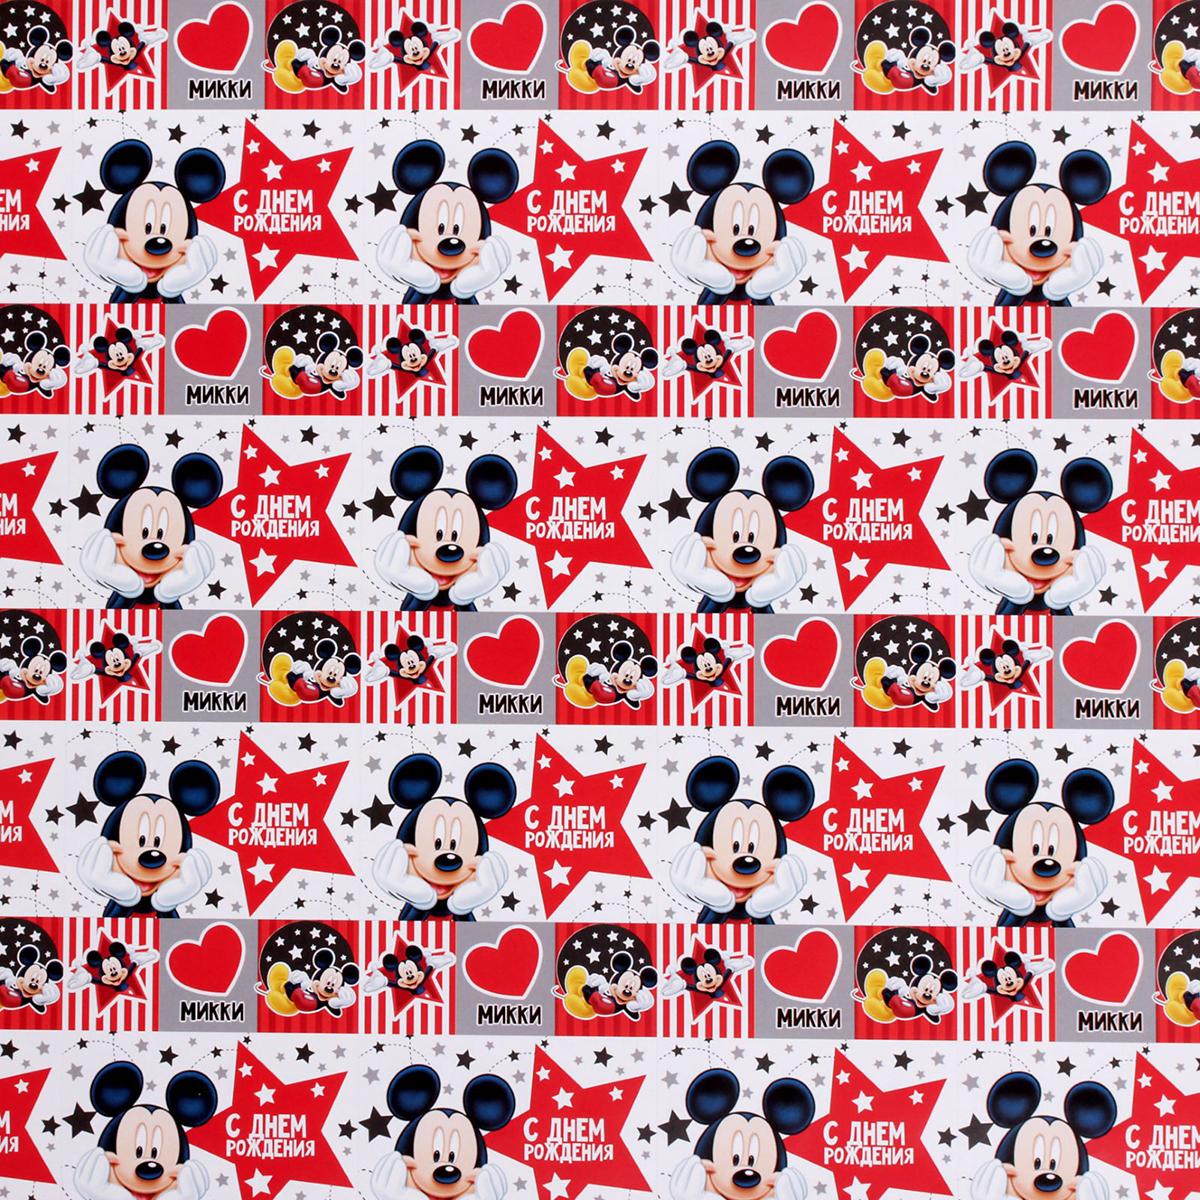 Бумага упаковочная Disney С Днем Рождения. Микки Маус, глянцевая, 70 х 100 см. 2390650 бумага упаковочная disney с днем рождения самая милая минни маус глянцевая 70 х 100 см 2390649